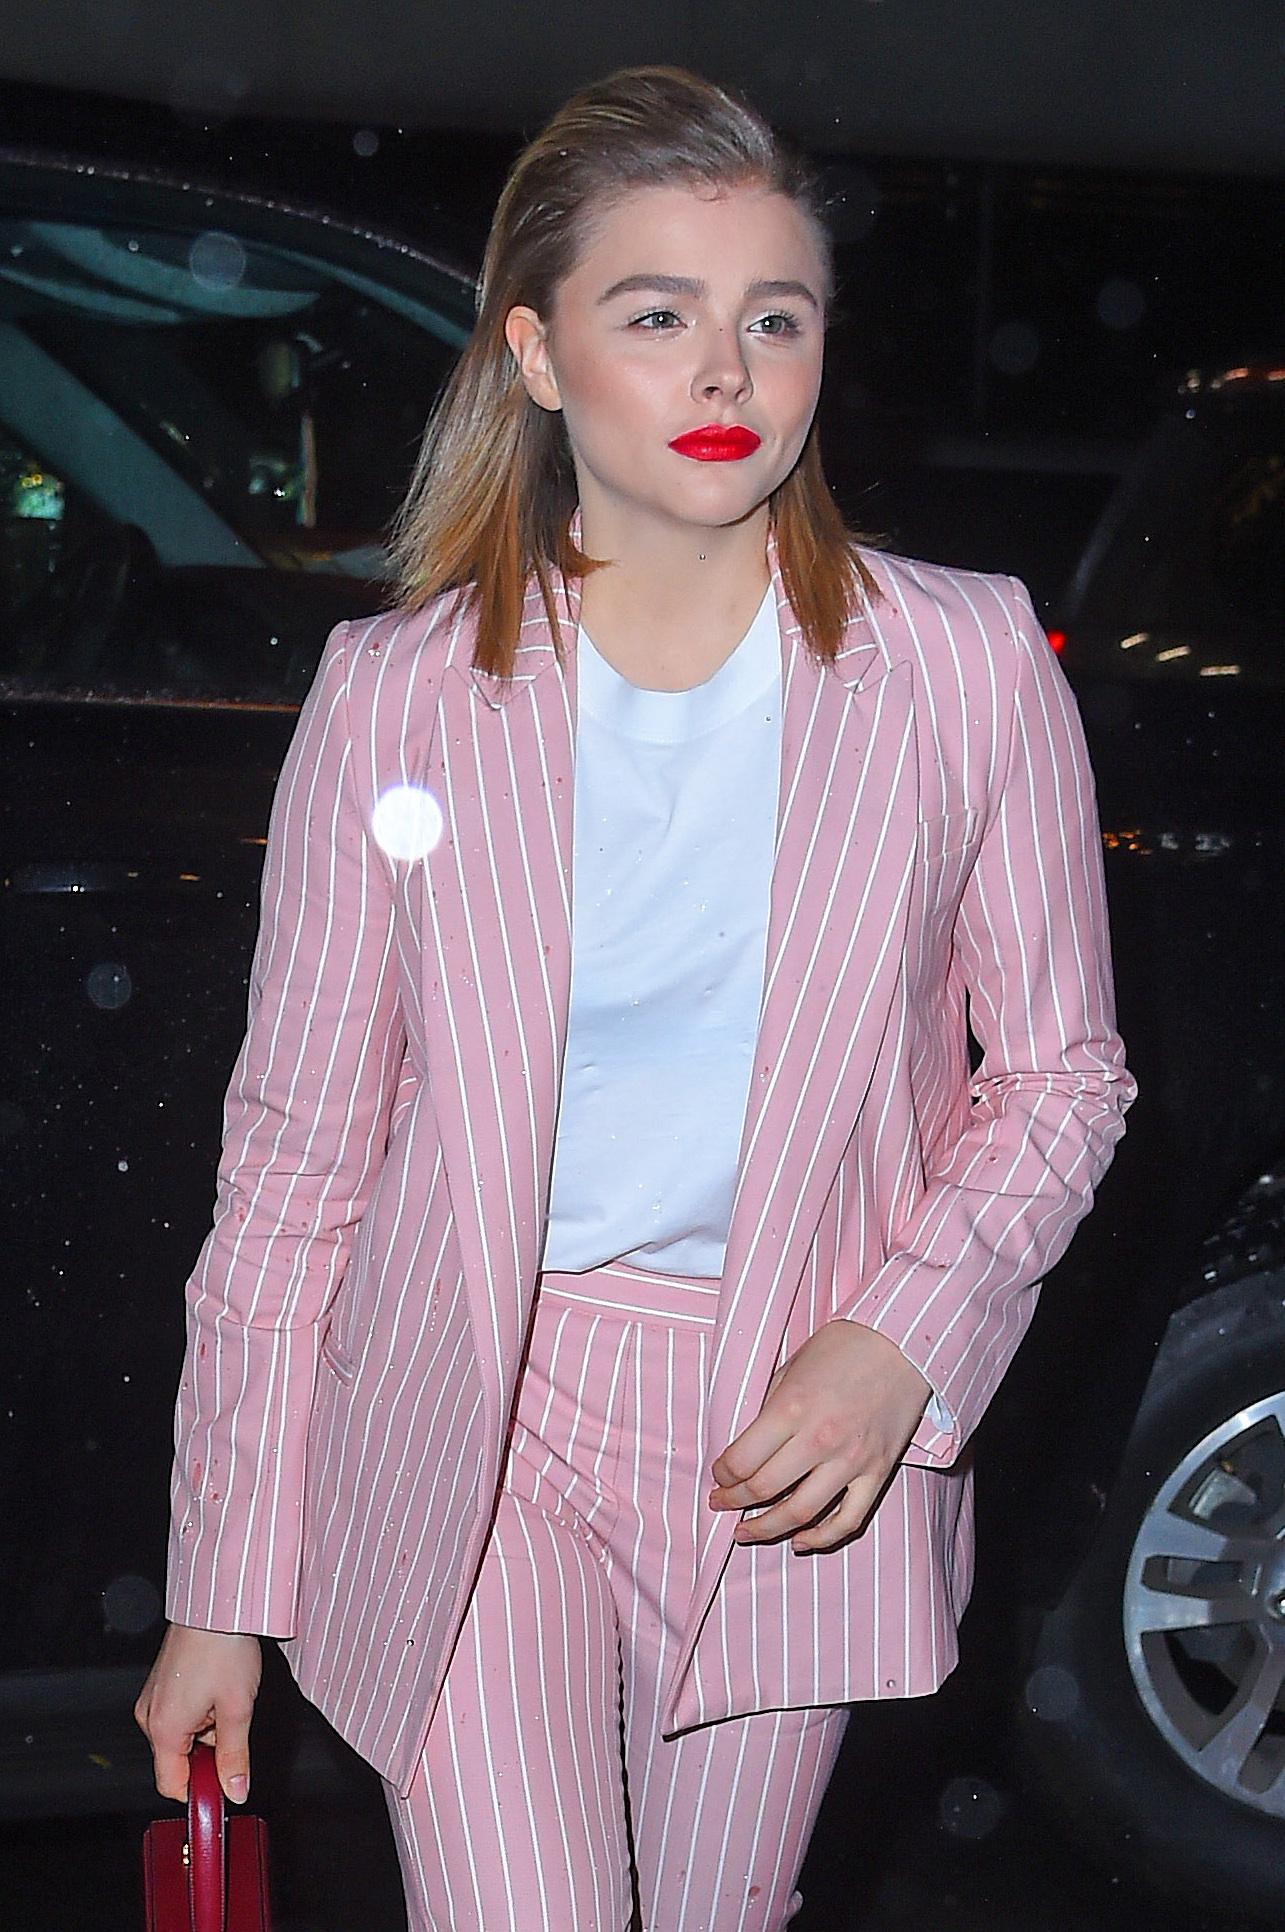 Ποιο χρώμα είναι το rorange που φοράει συνεχώς η Chloe Grace Moretz; | tlife.gr